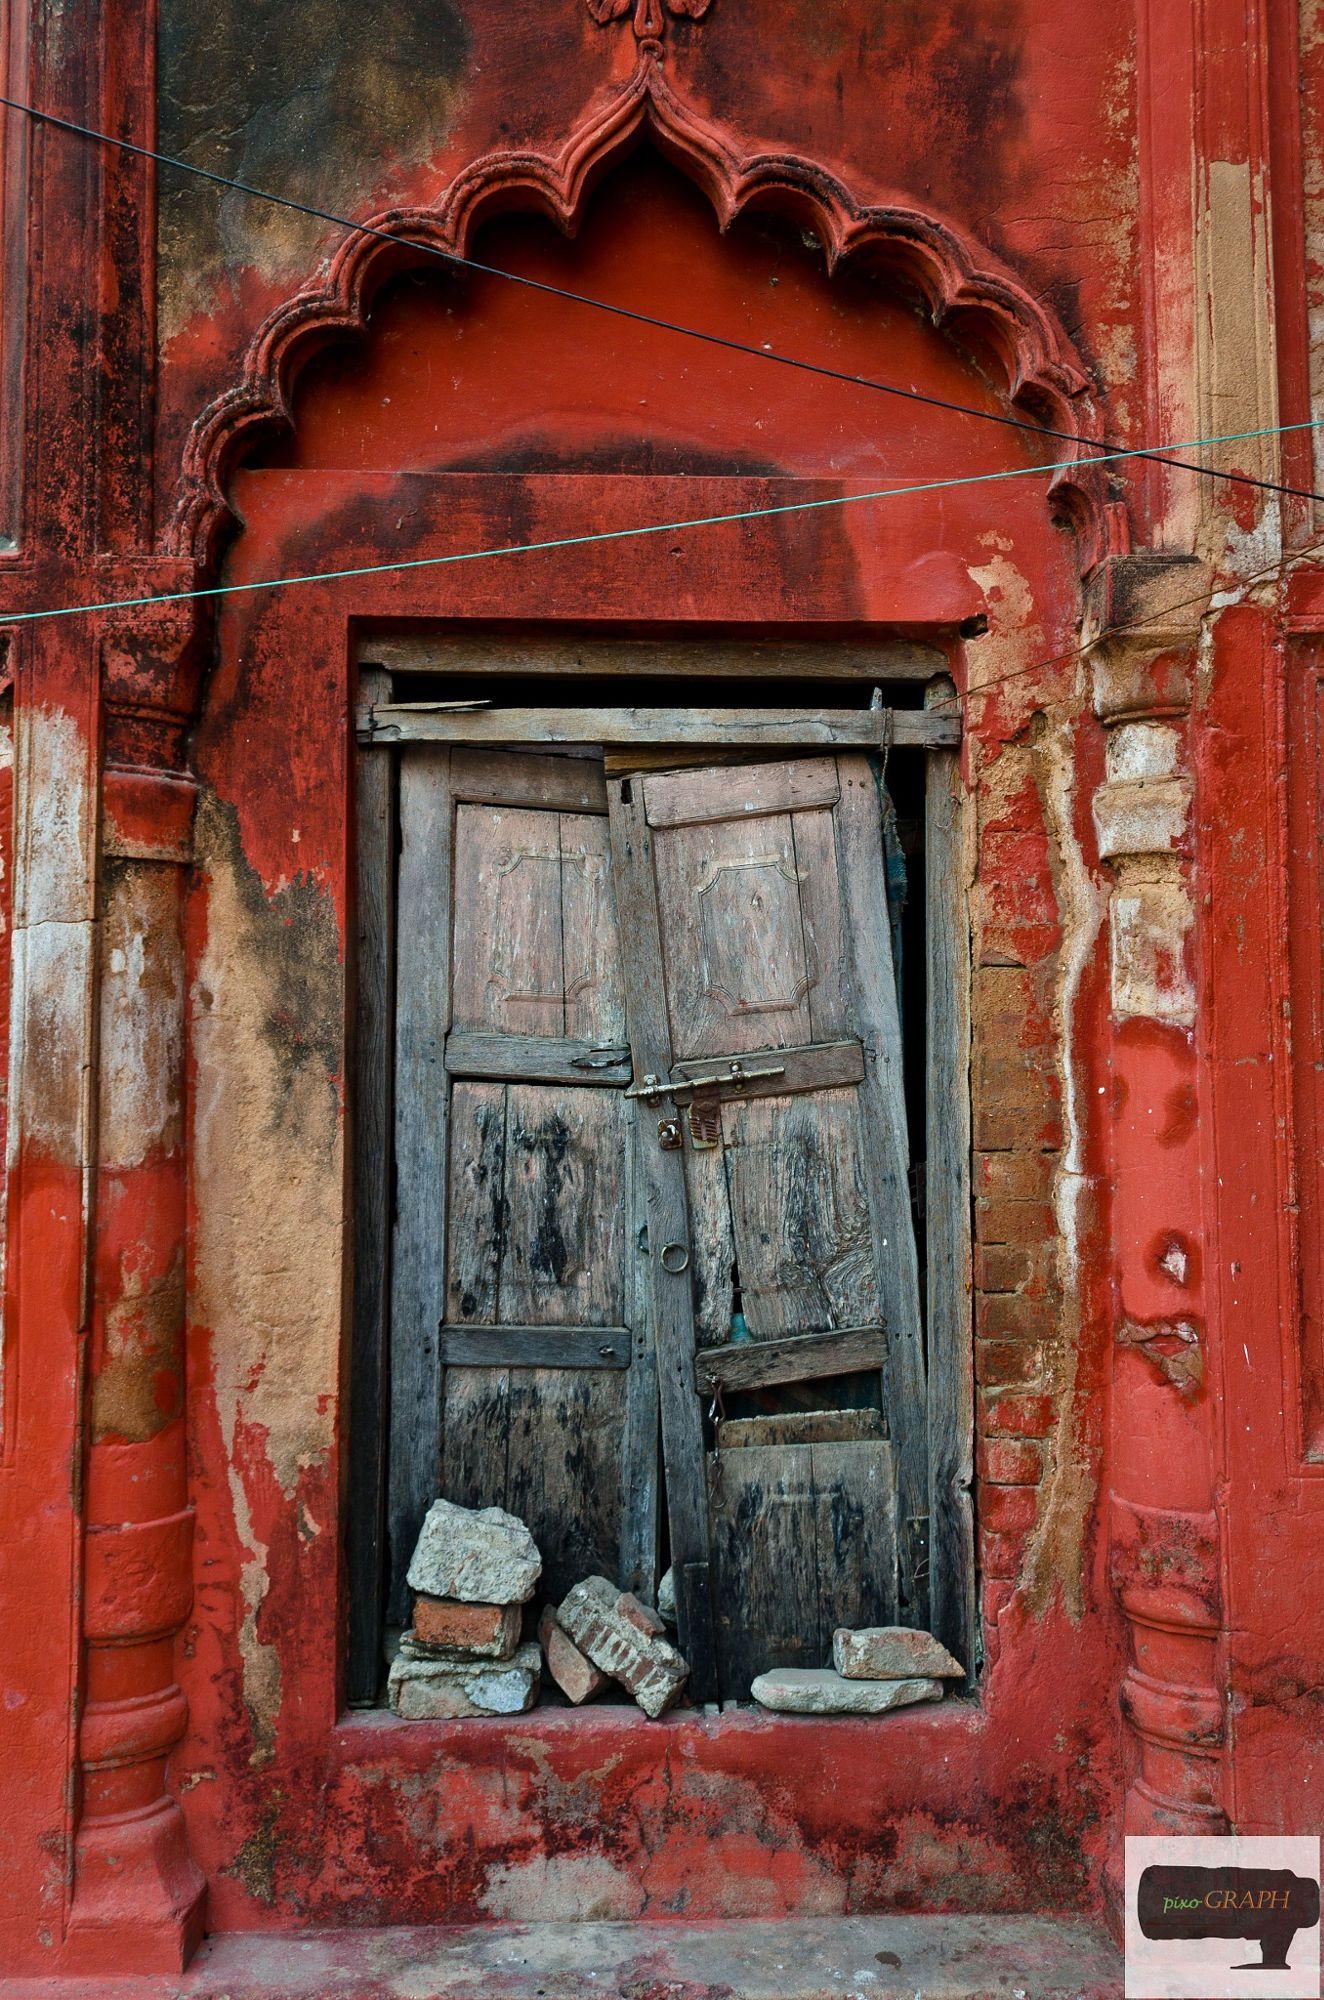 The forgotten door in India. & The forgotten door in India. | Doors | Pinterest | India Doors and ...